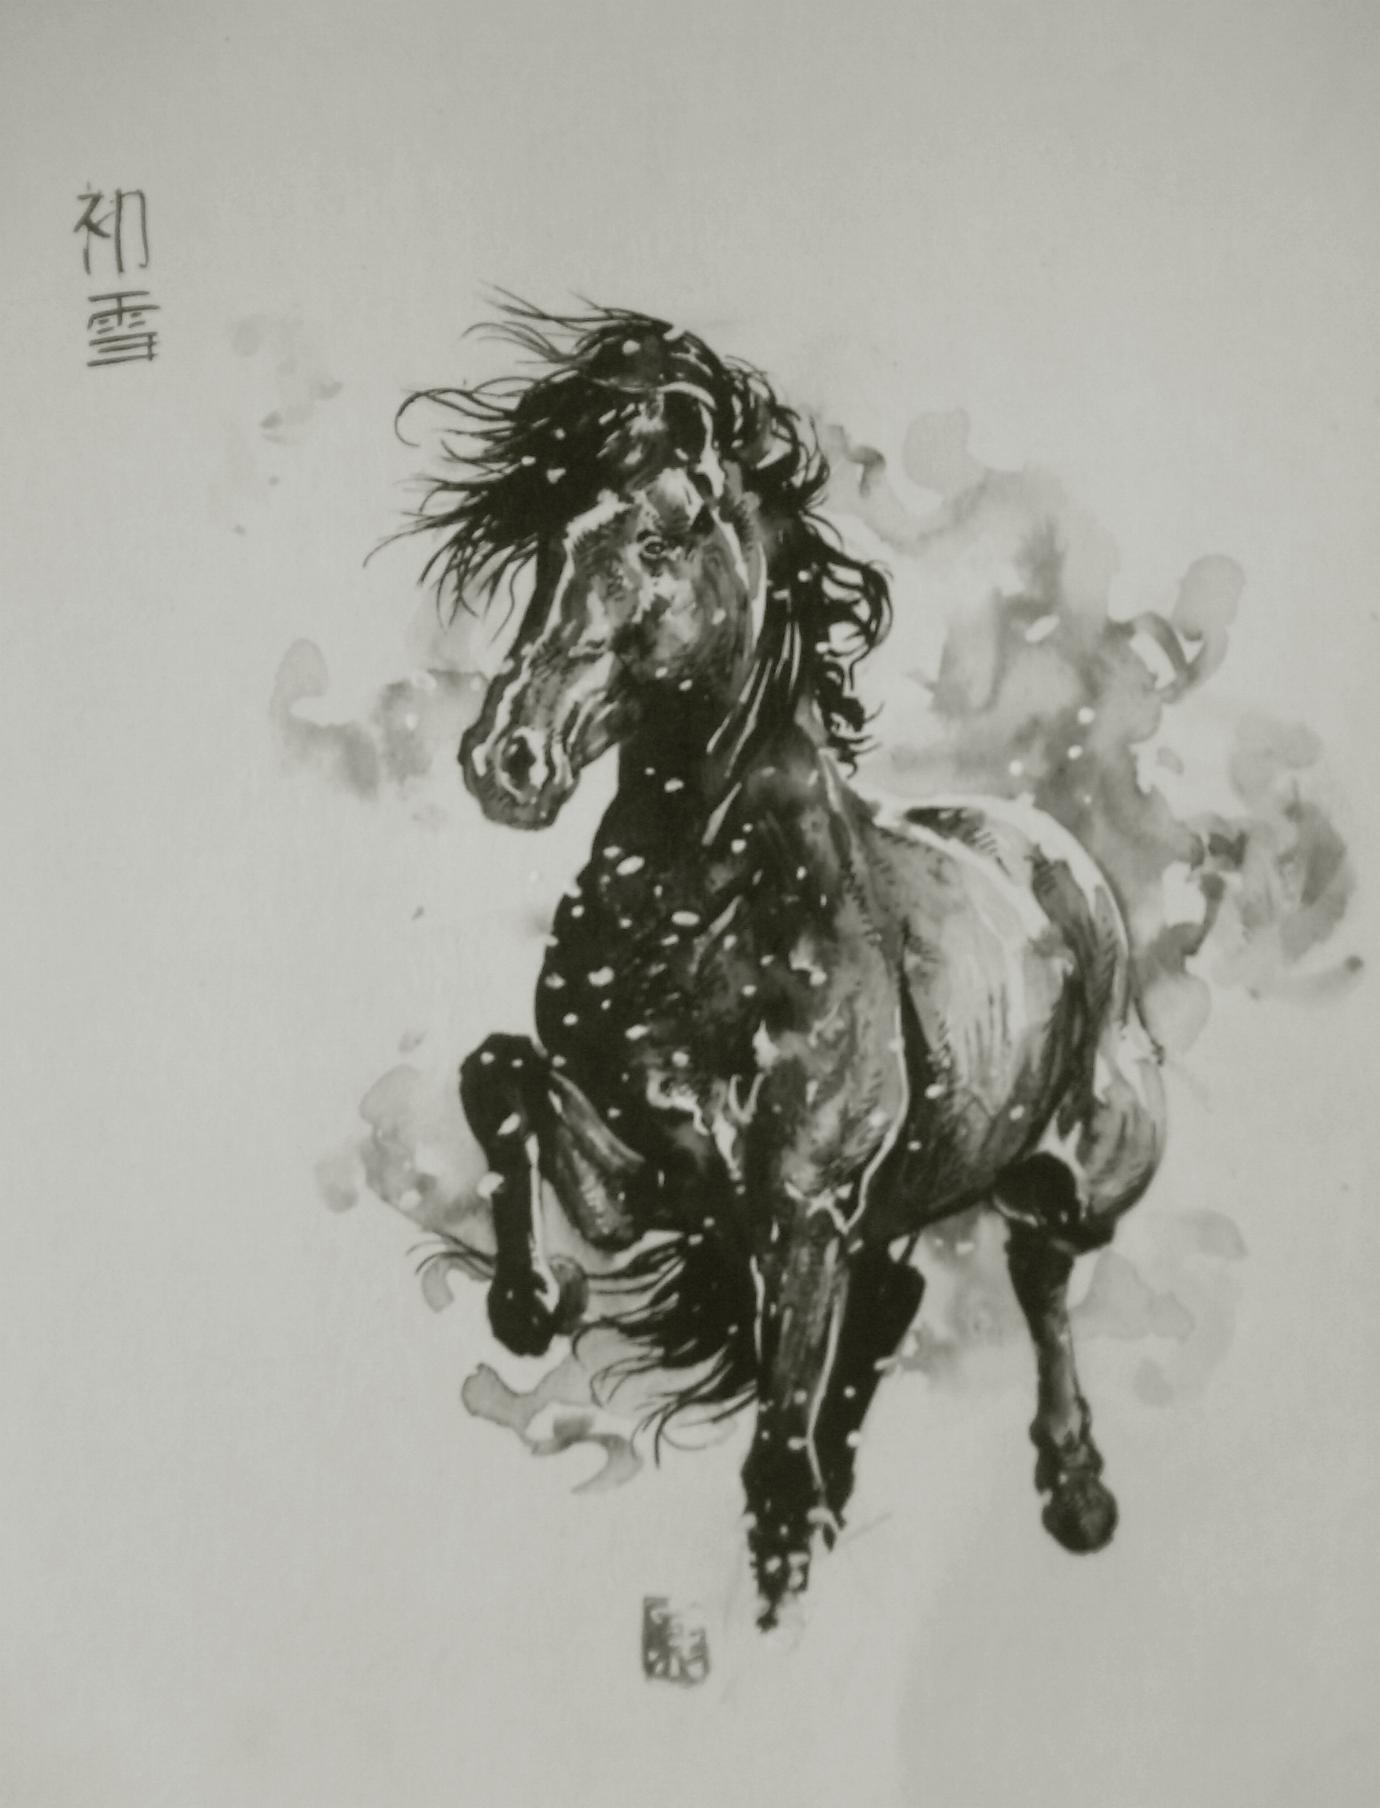 Dessins en noir et blanc encre de chine c et - Dessin noir et blanc animaux ...